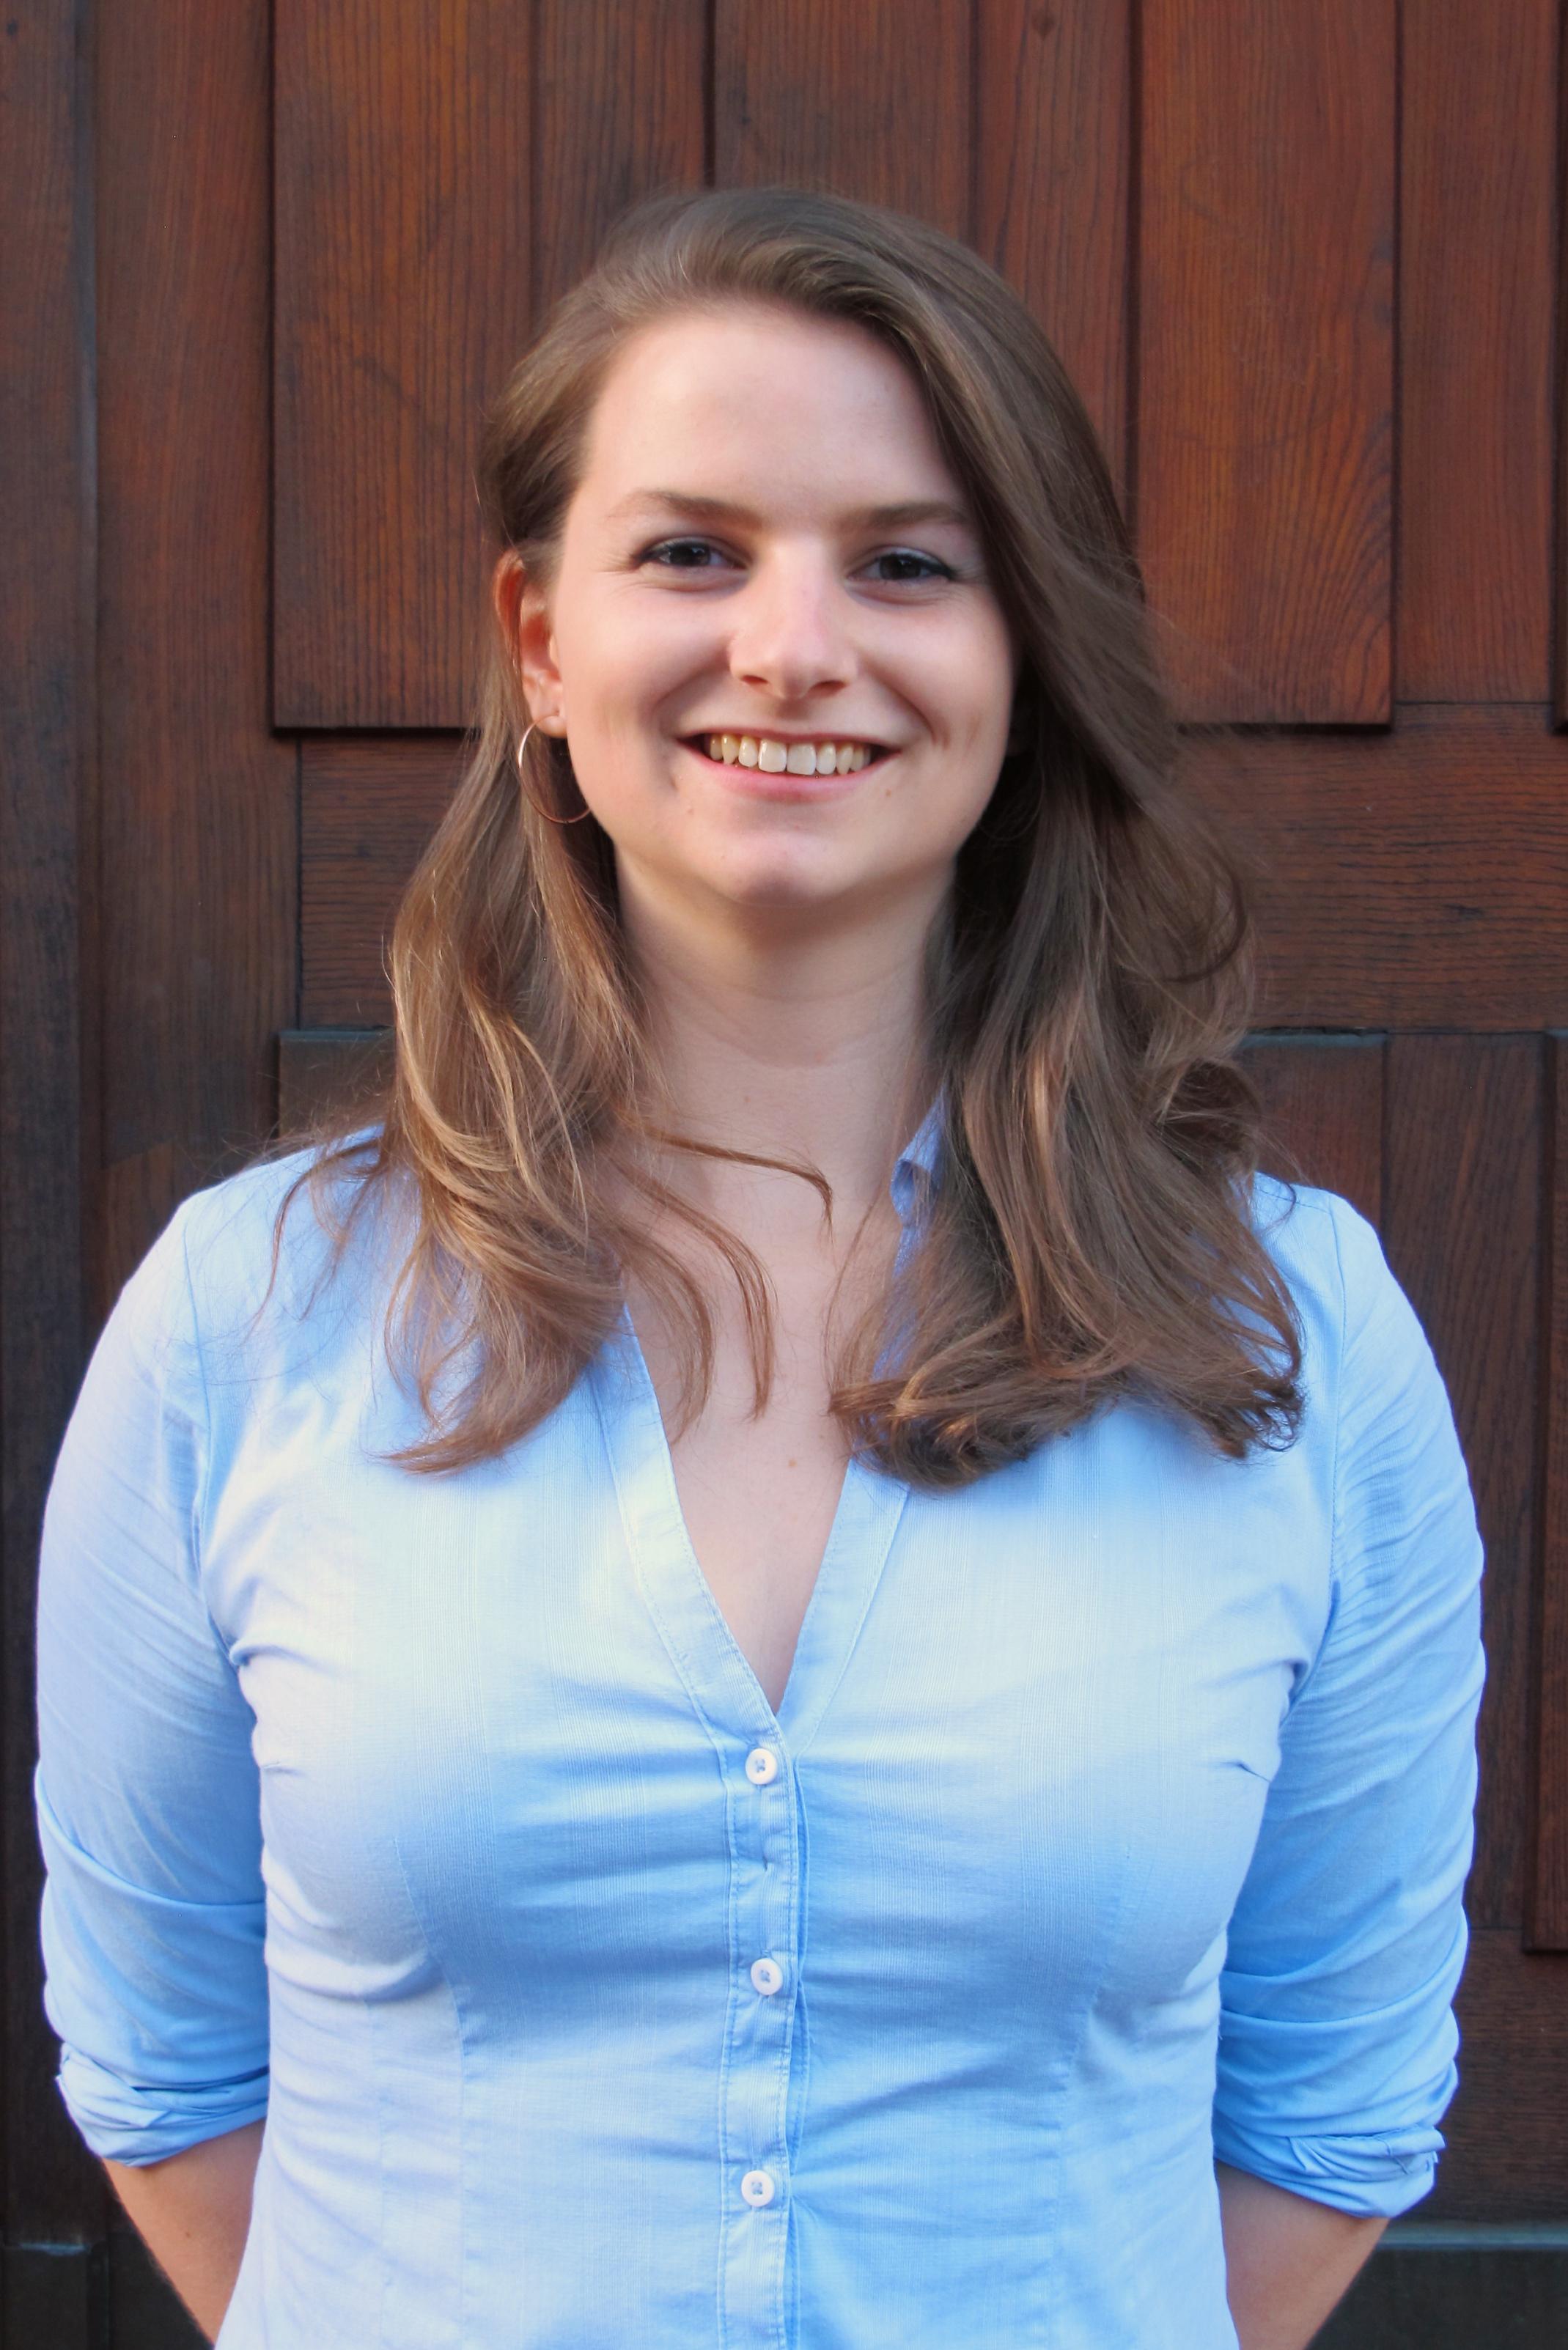 Vanessa Brezancic